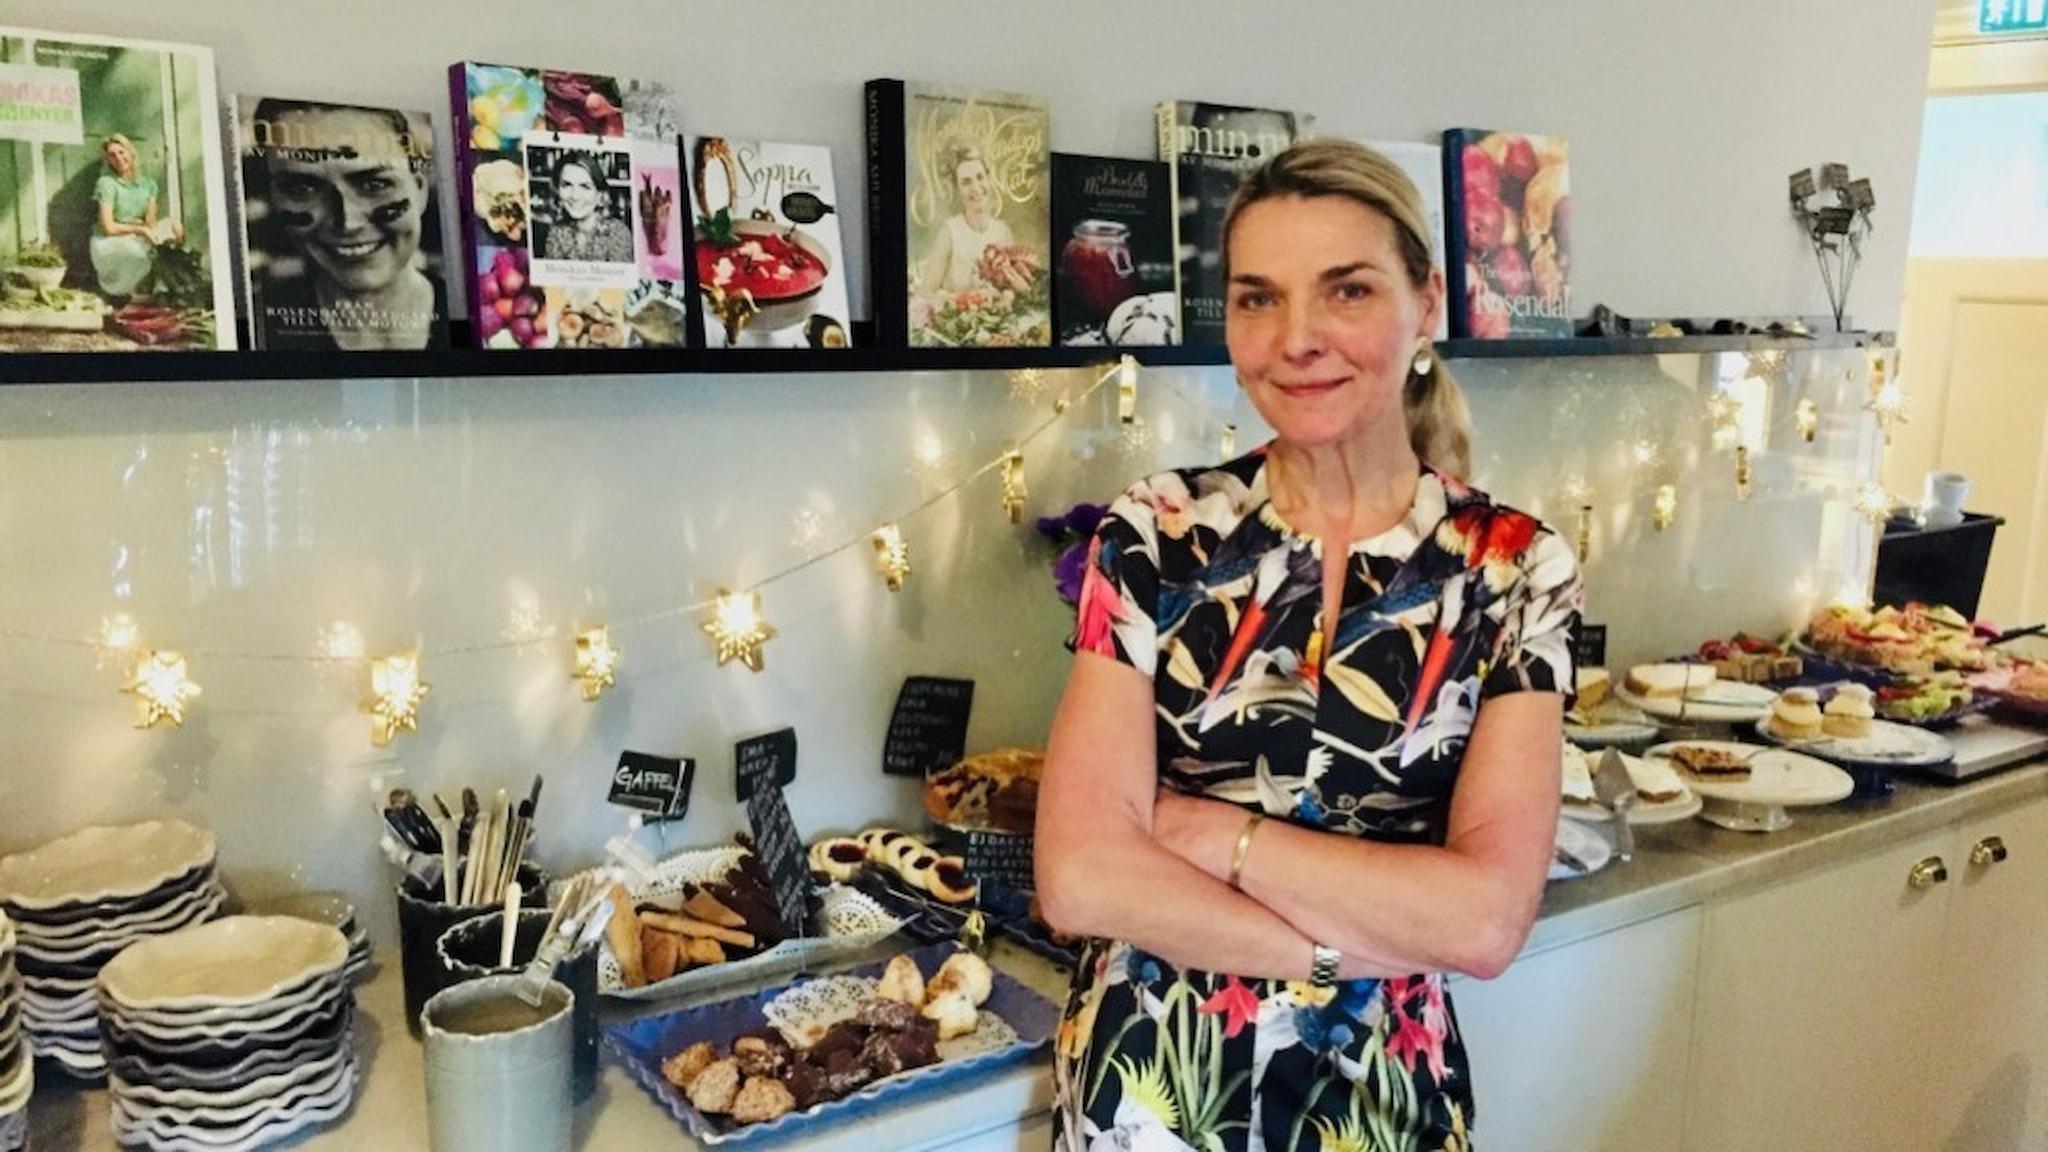 Vi träffar Monika Ahlberg på caféet hon driver på Thielska galleriet på Djurgården i Stockholm.